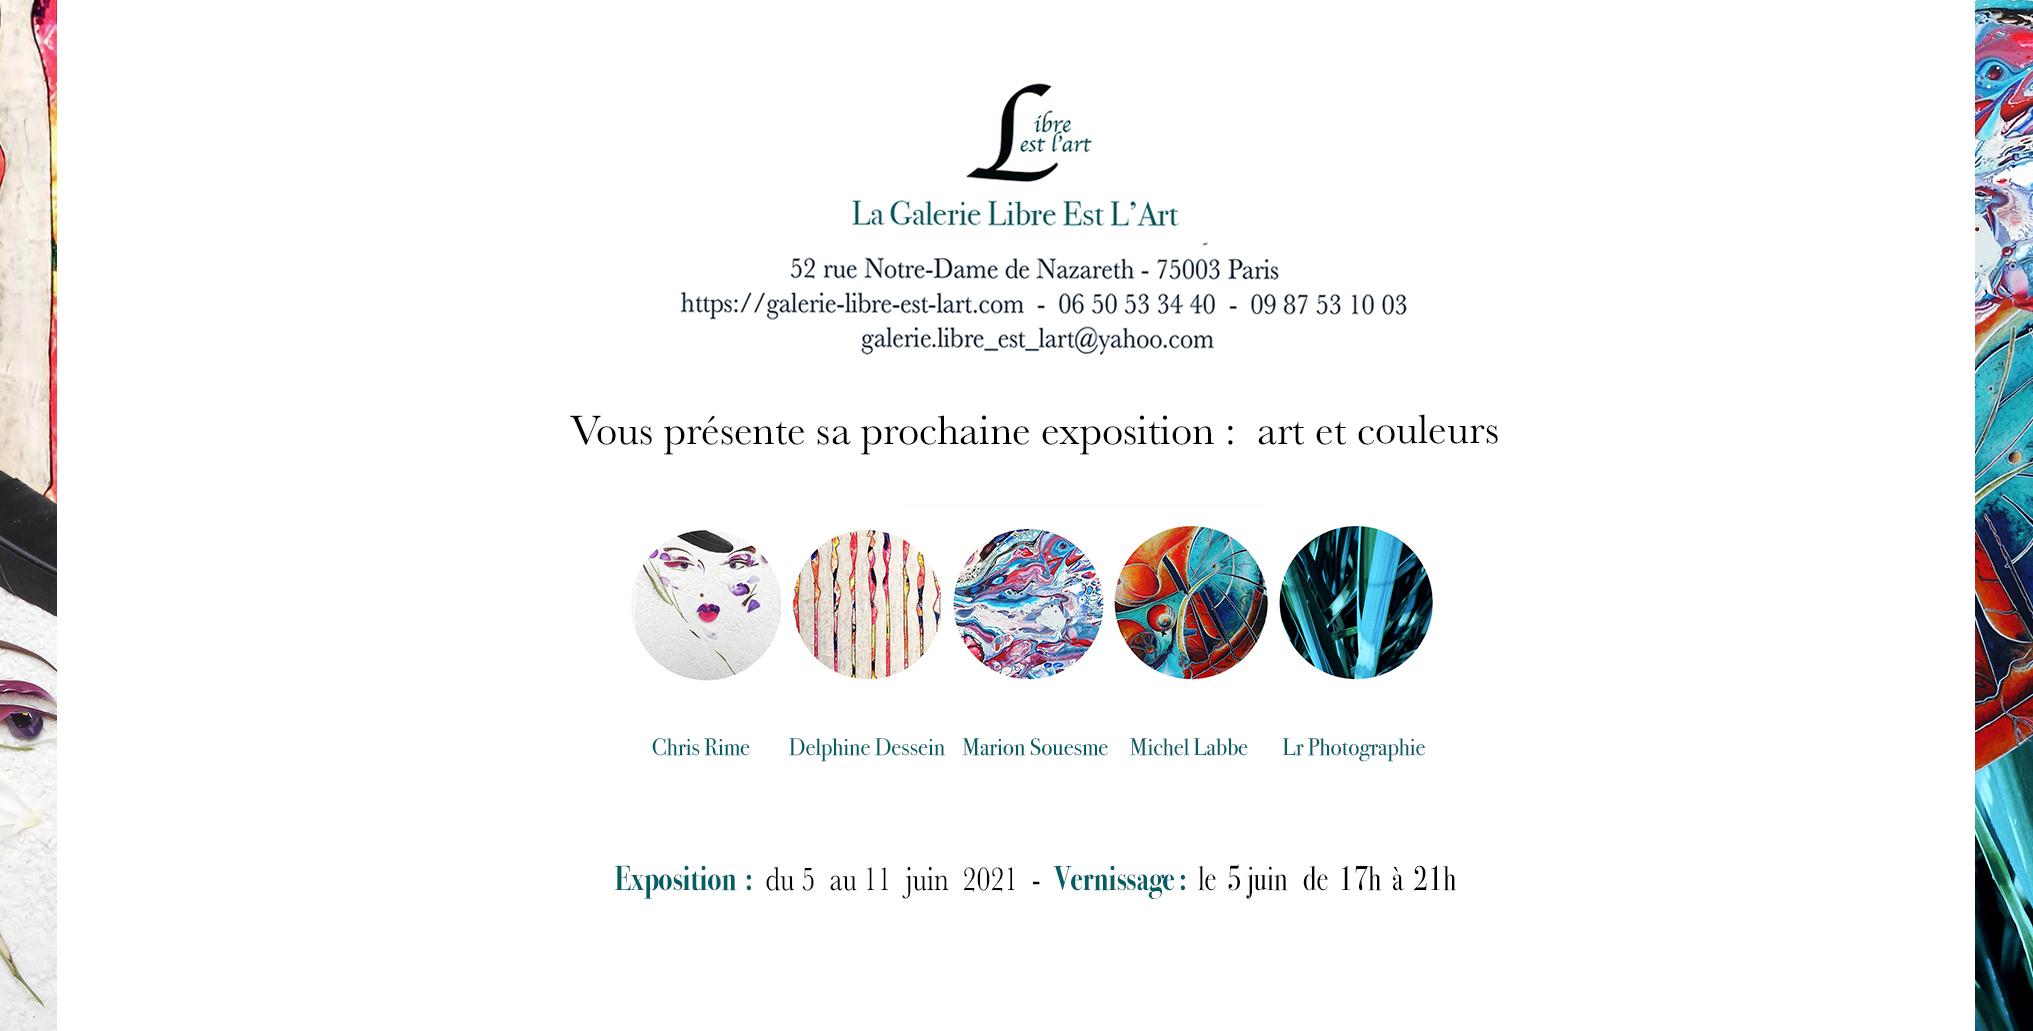 art exhibit to Paris by Delphine DESSEIN gallery Libre est l'art